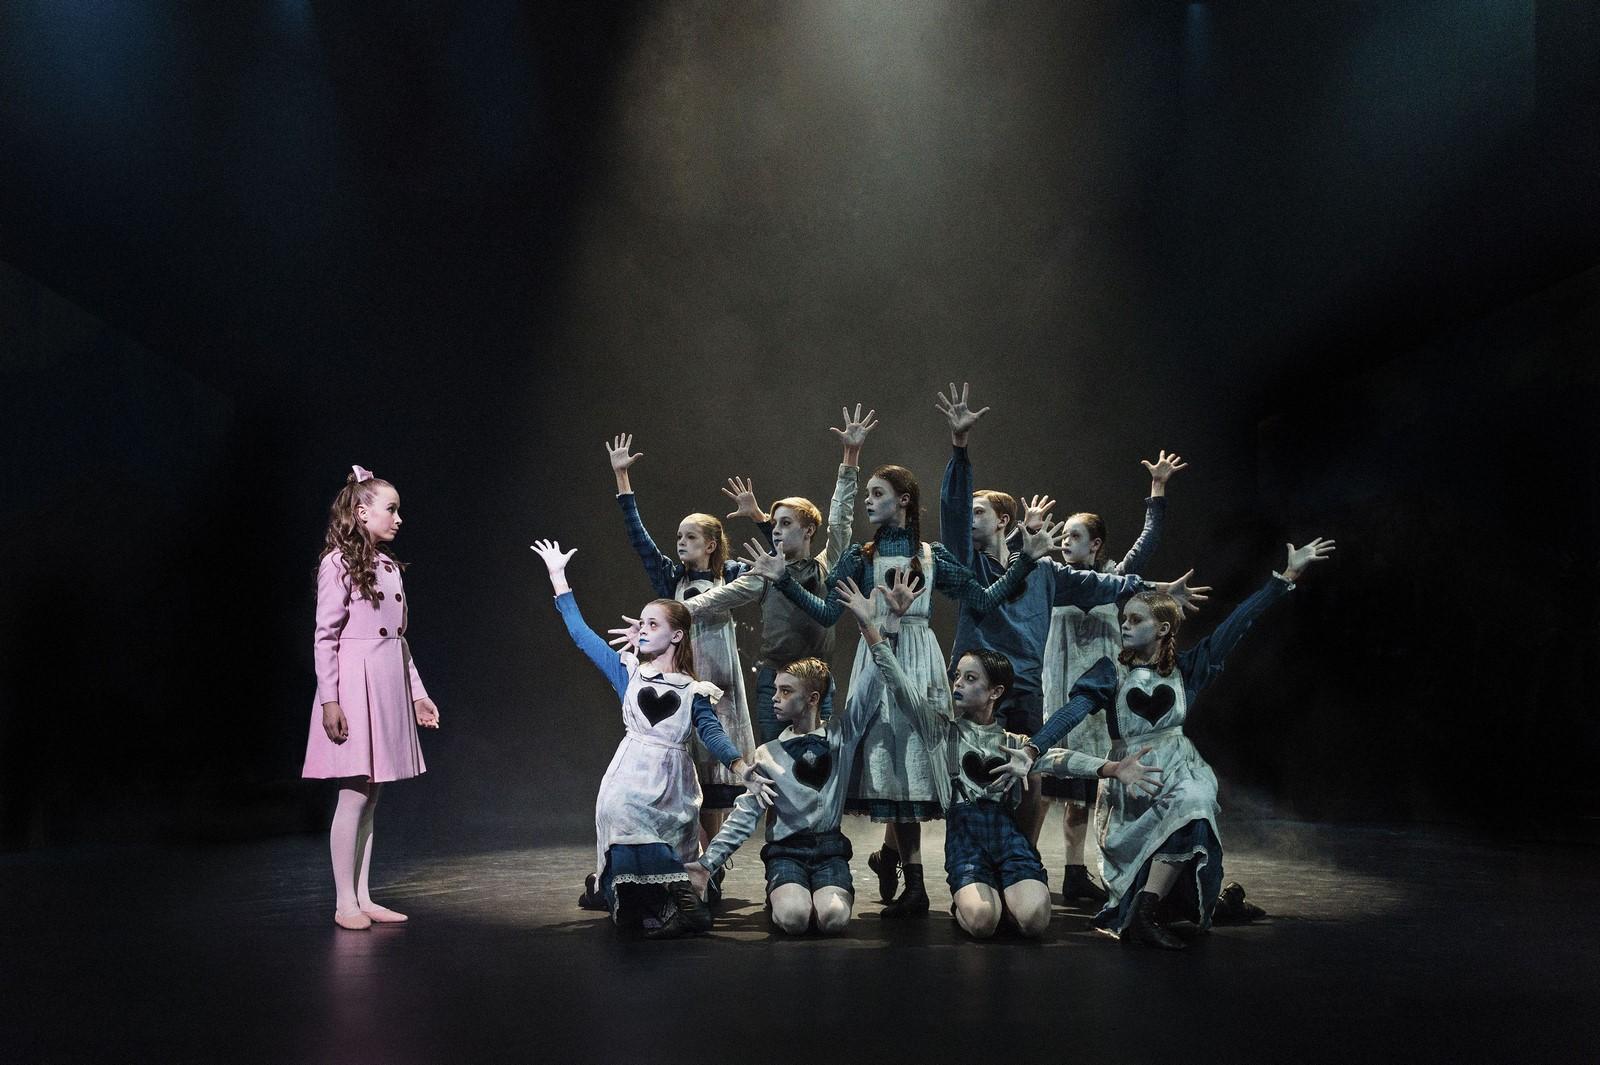 Anmeldelse: De glemte børn, Det Kongelige Teater